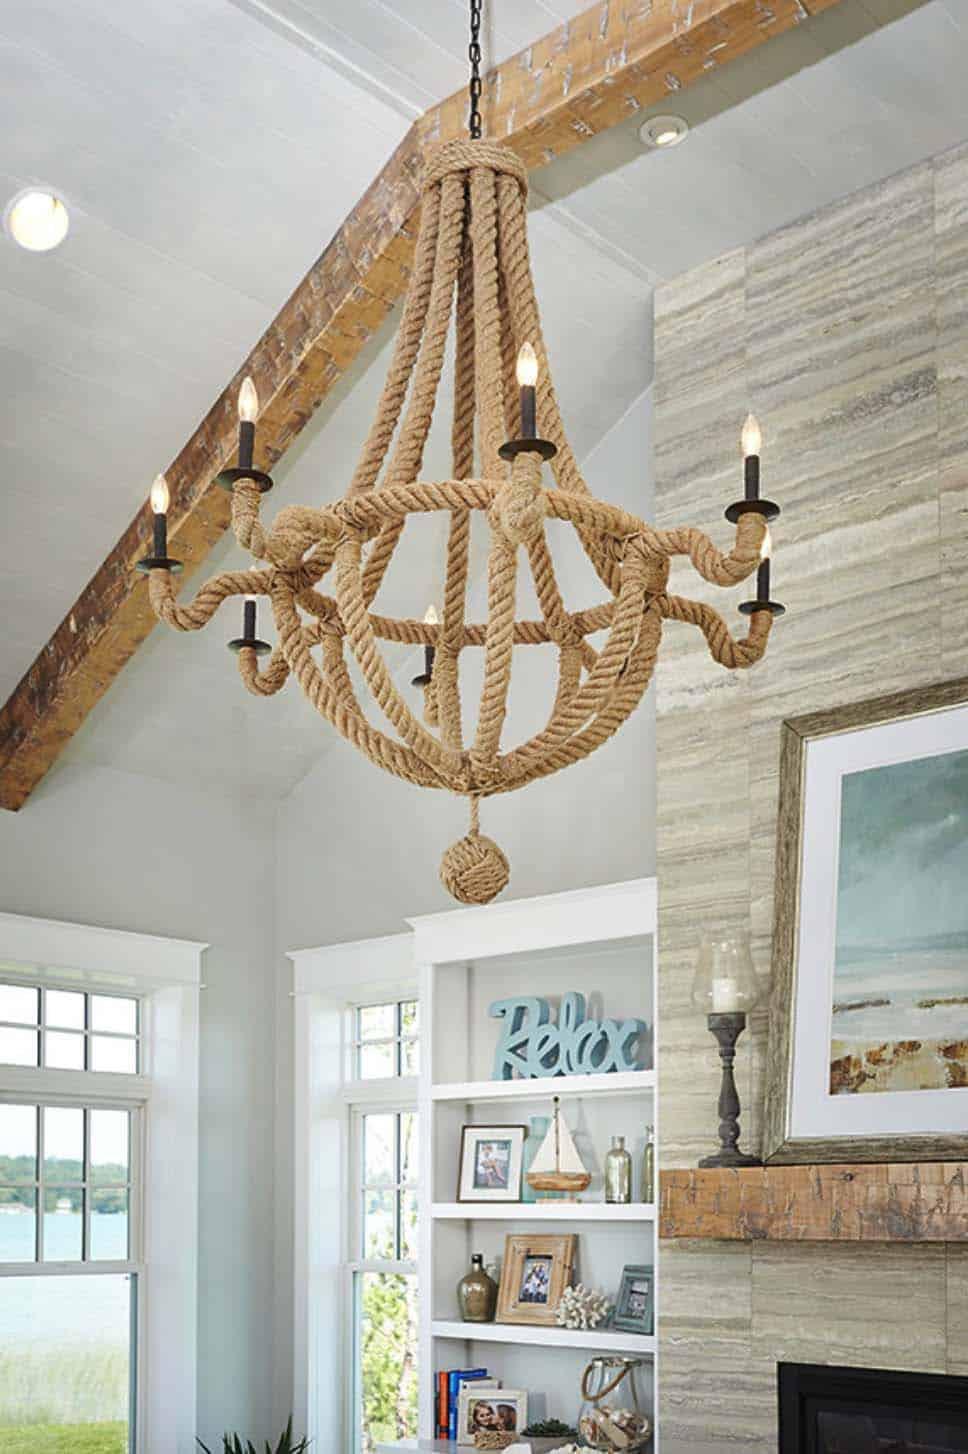 Cottage familial de style plage-Villa Decor-13-1 Kindesign